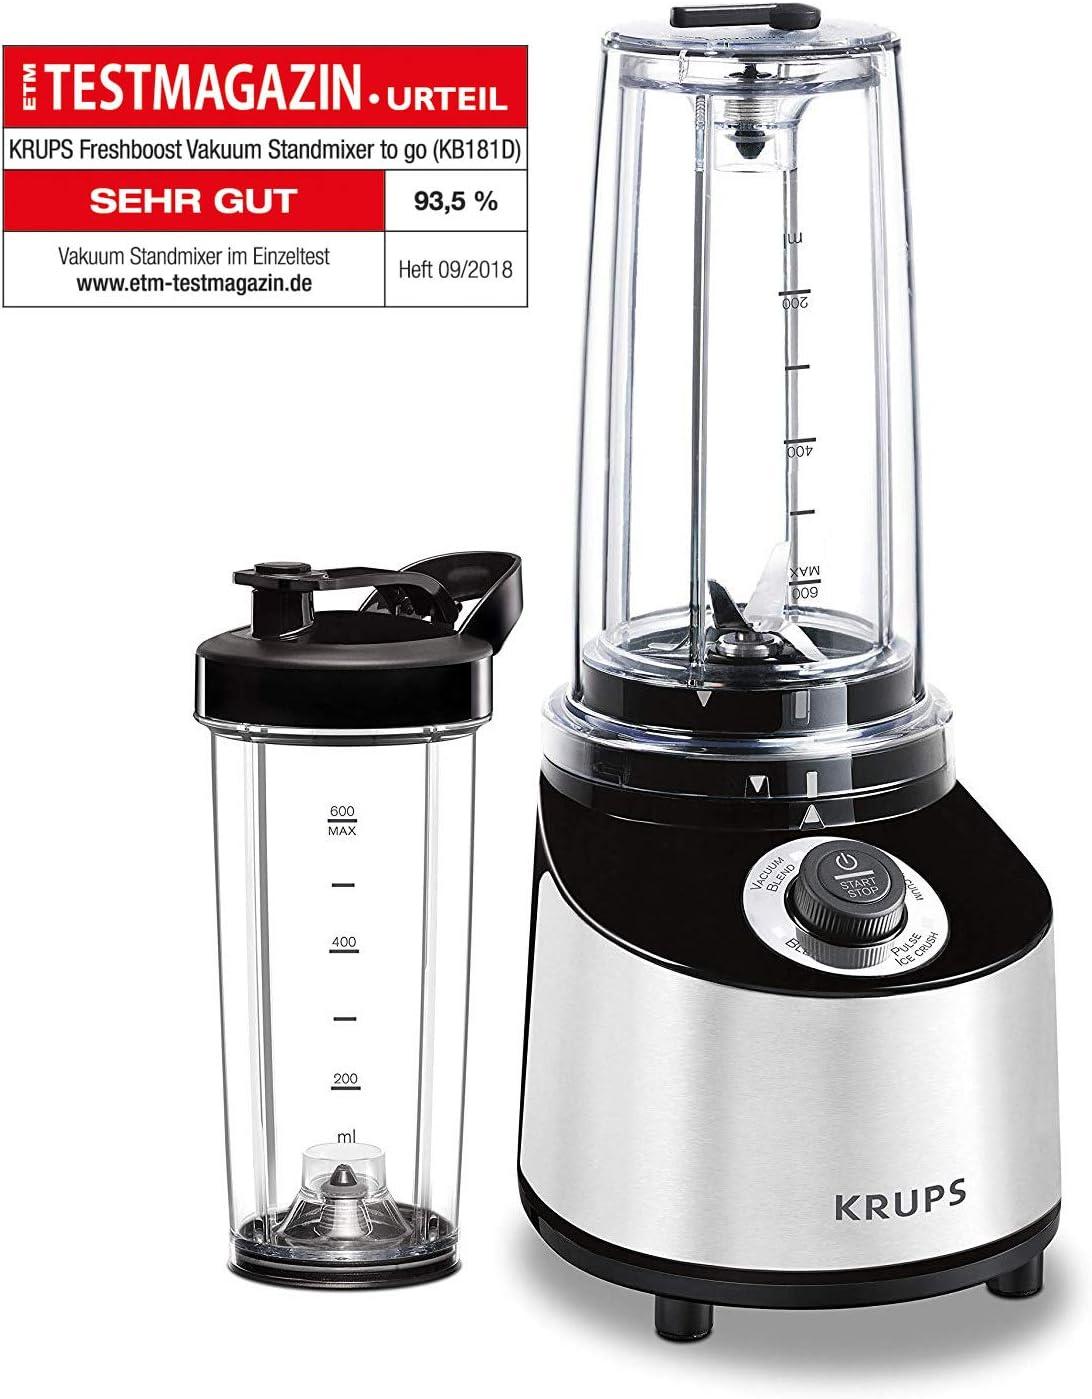 Krups Freshboost Standmixer mit Vakuum Technologie (3 veces más antioxidantes, vitaminas, refuerza el sistema inmunológico), 4 programas, 2 botellas, 800 W, 0.6 litros, acero inoxidable, Negro